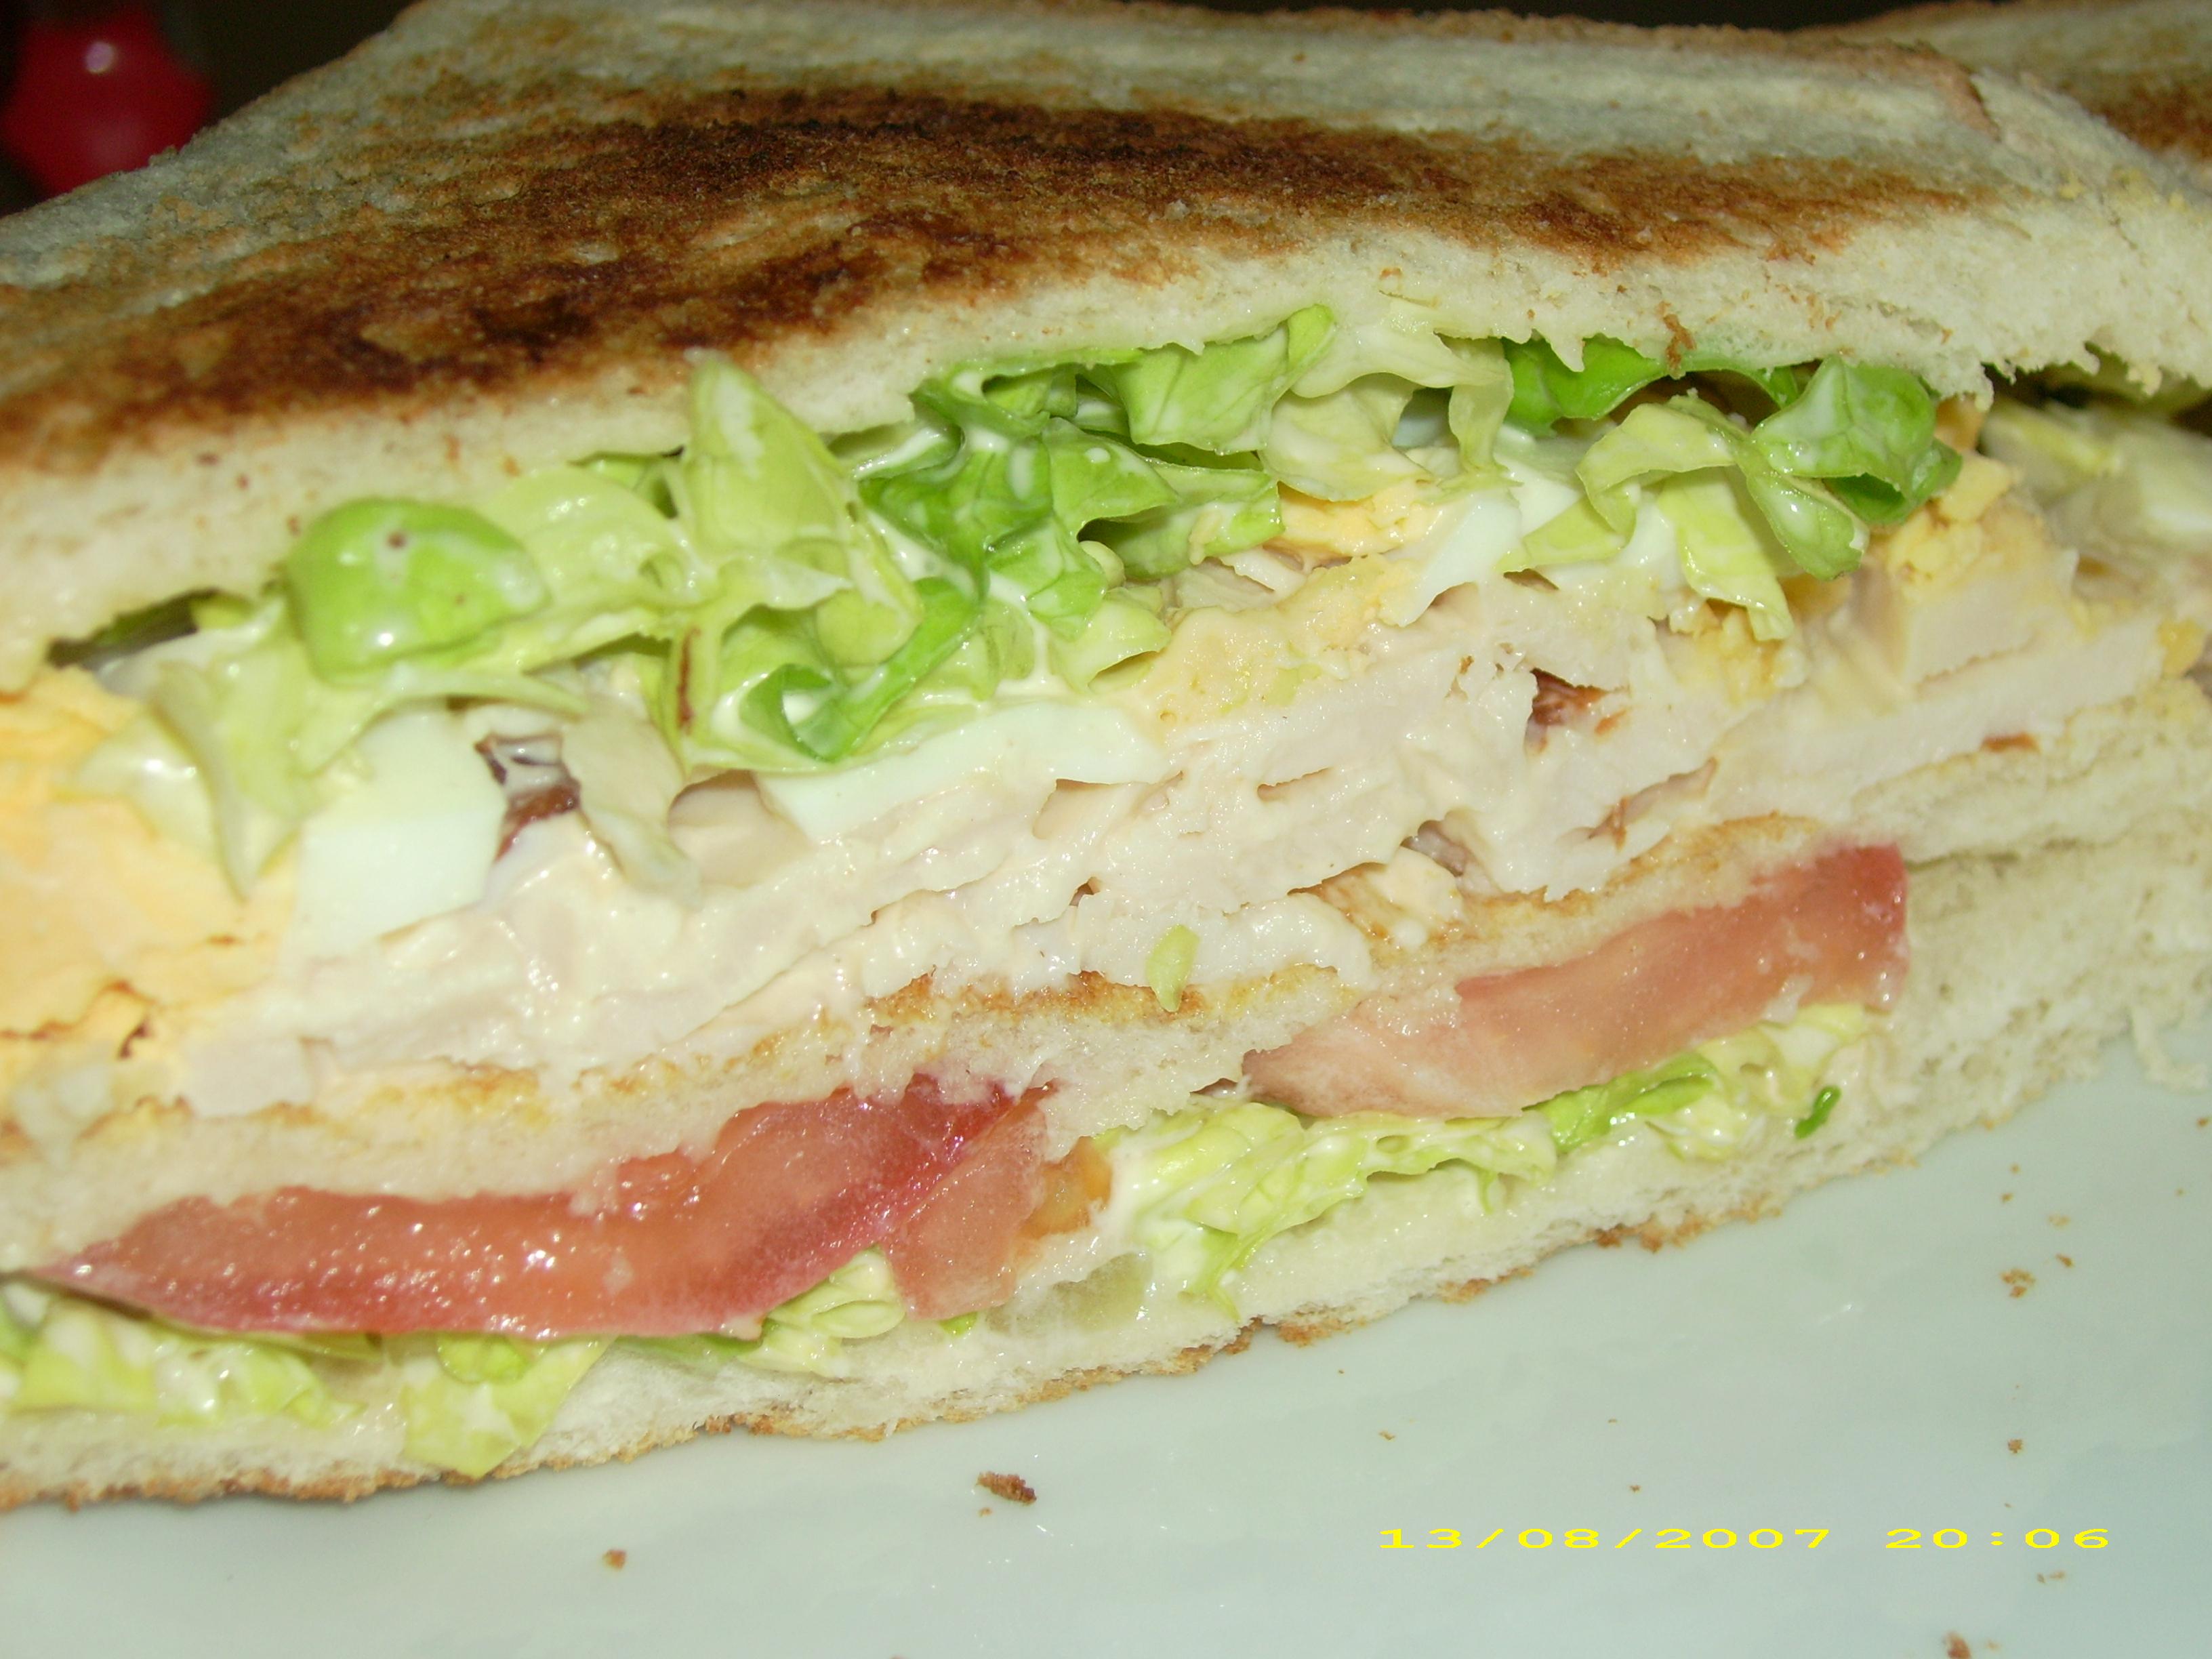 The club sandwich le bonheur dans la cuisine for Le bonheur dans la cuisine